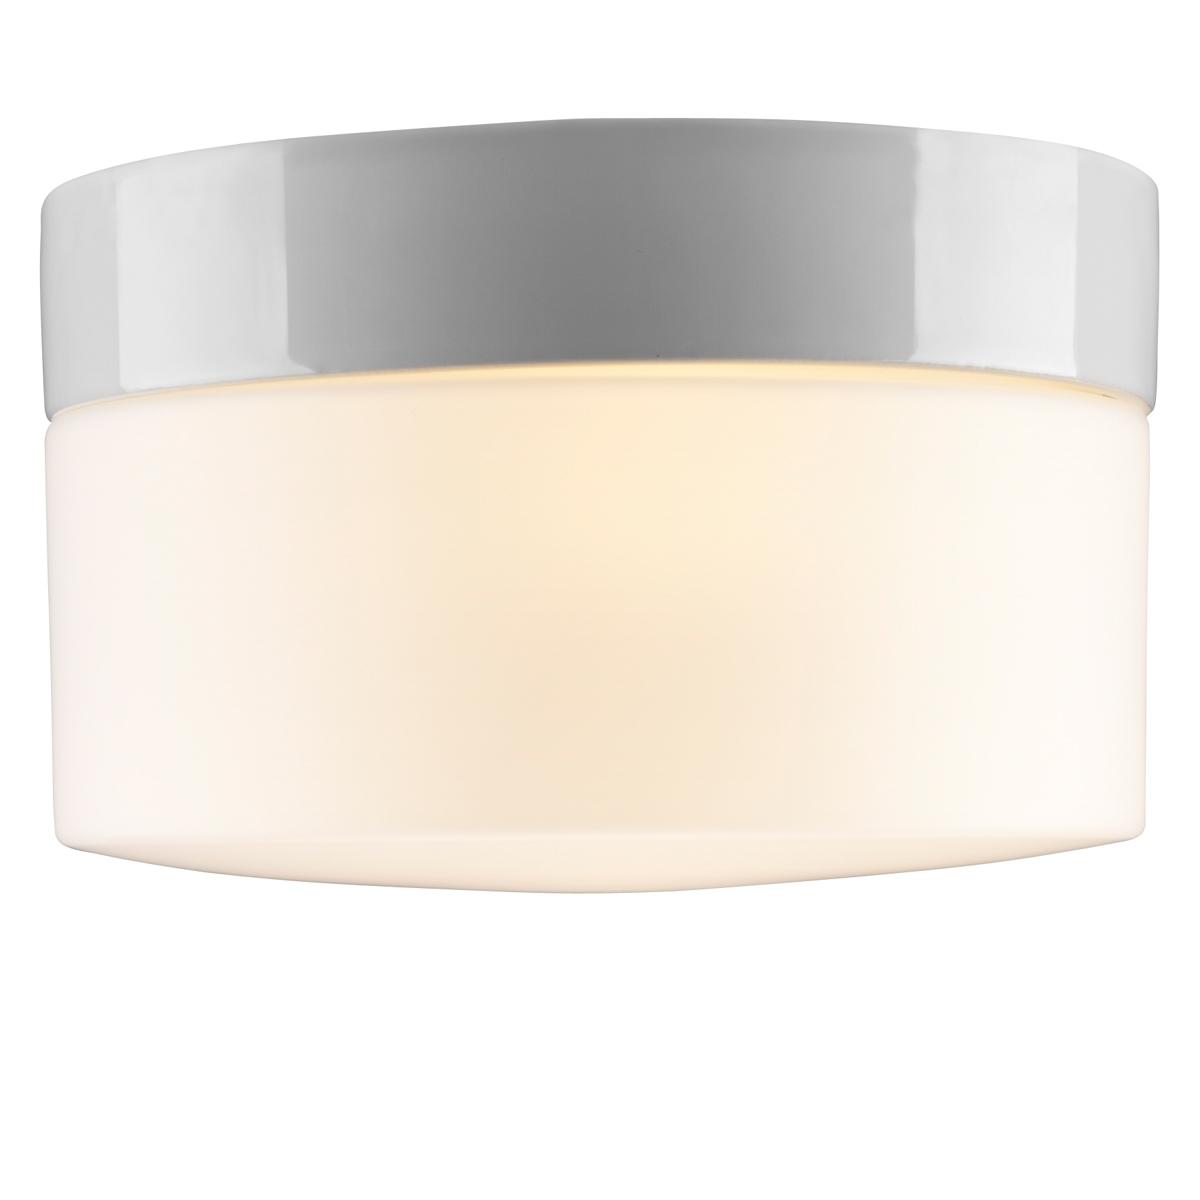 moderne und sehr flache led badlampe mit glasschirm an einer keramikhalterung. Black Bedroom Furniture Sets. Home Design Ideas